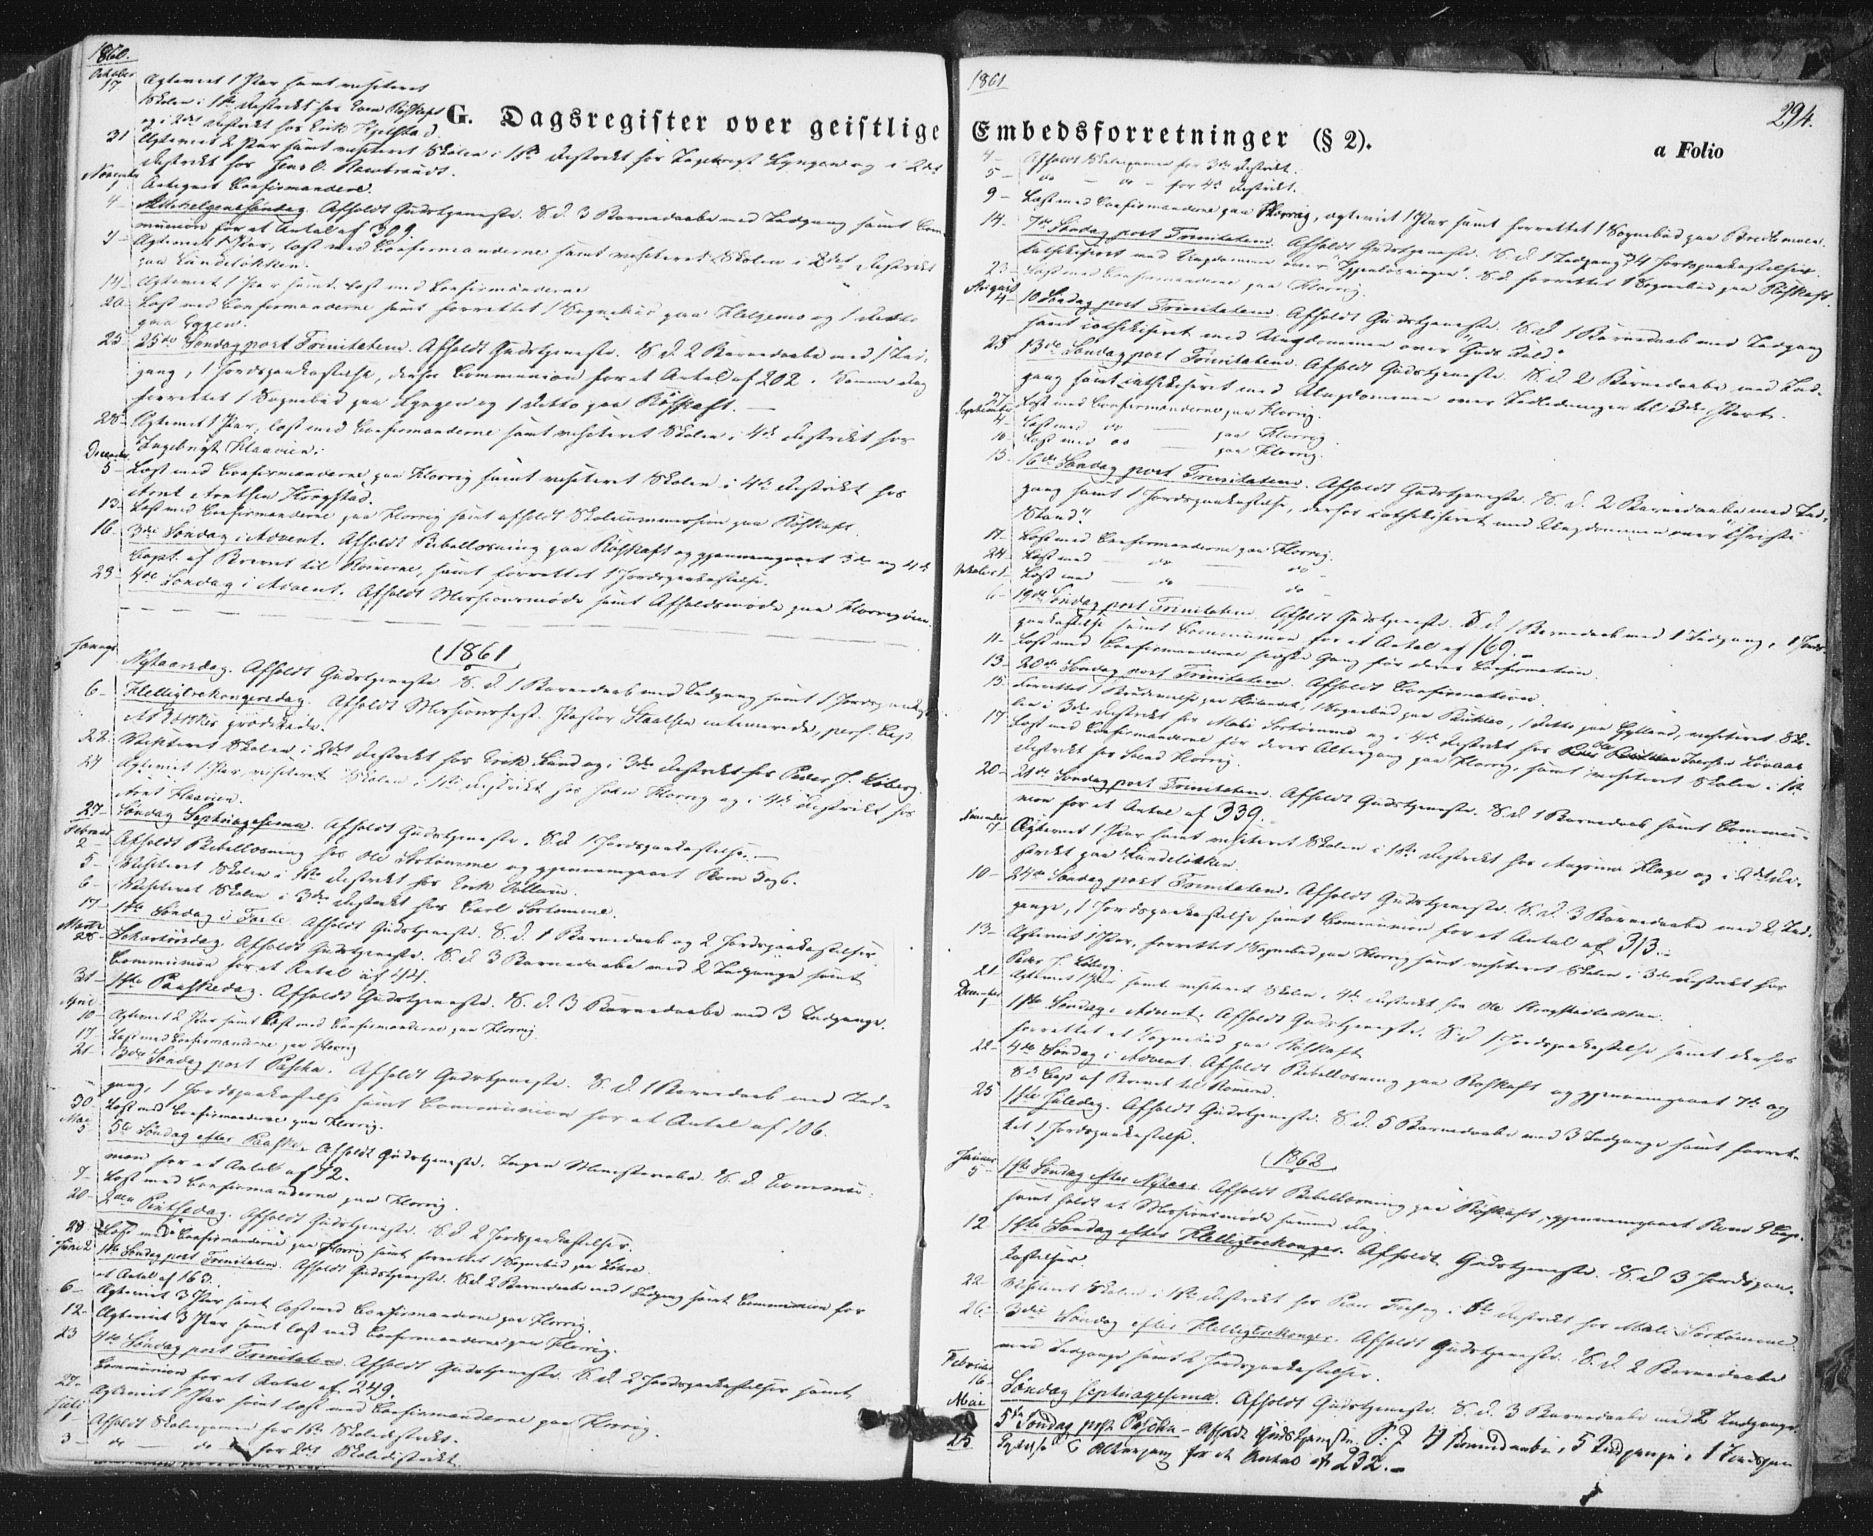 SAT, Ministerialprotokoller, klokkerbøker og fødselsregistre - Sør-Trøndelag, 692/L1103: Ministerialbok nr. 692A03, 1849-1870, s. 294